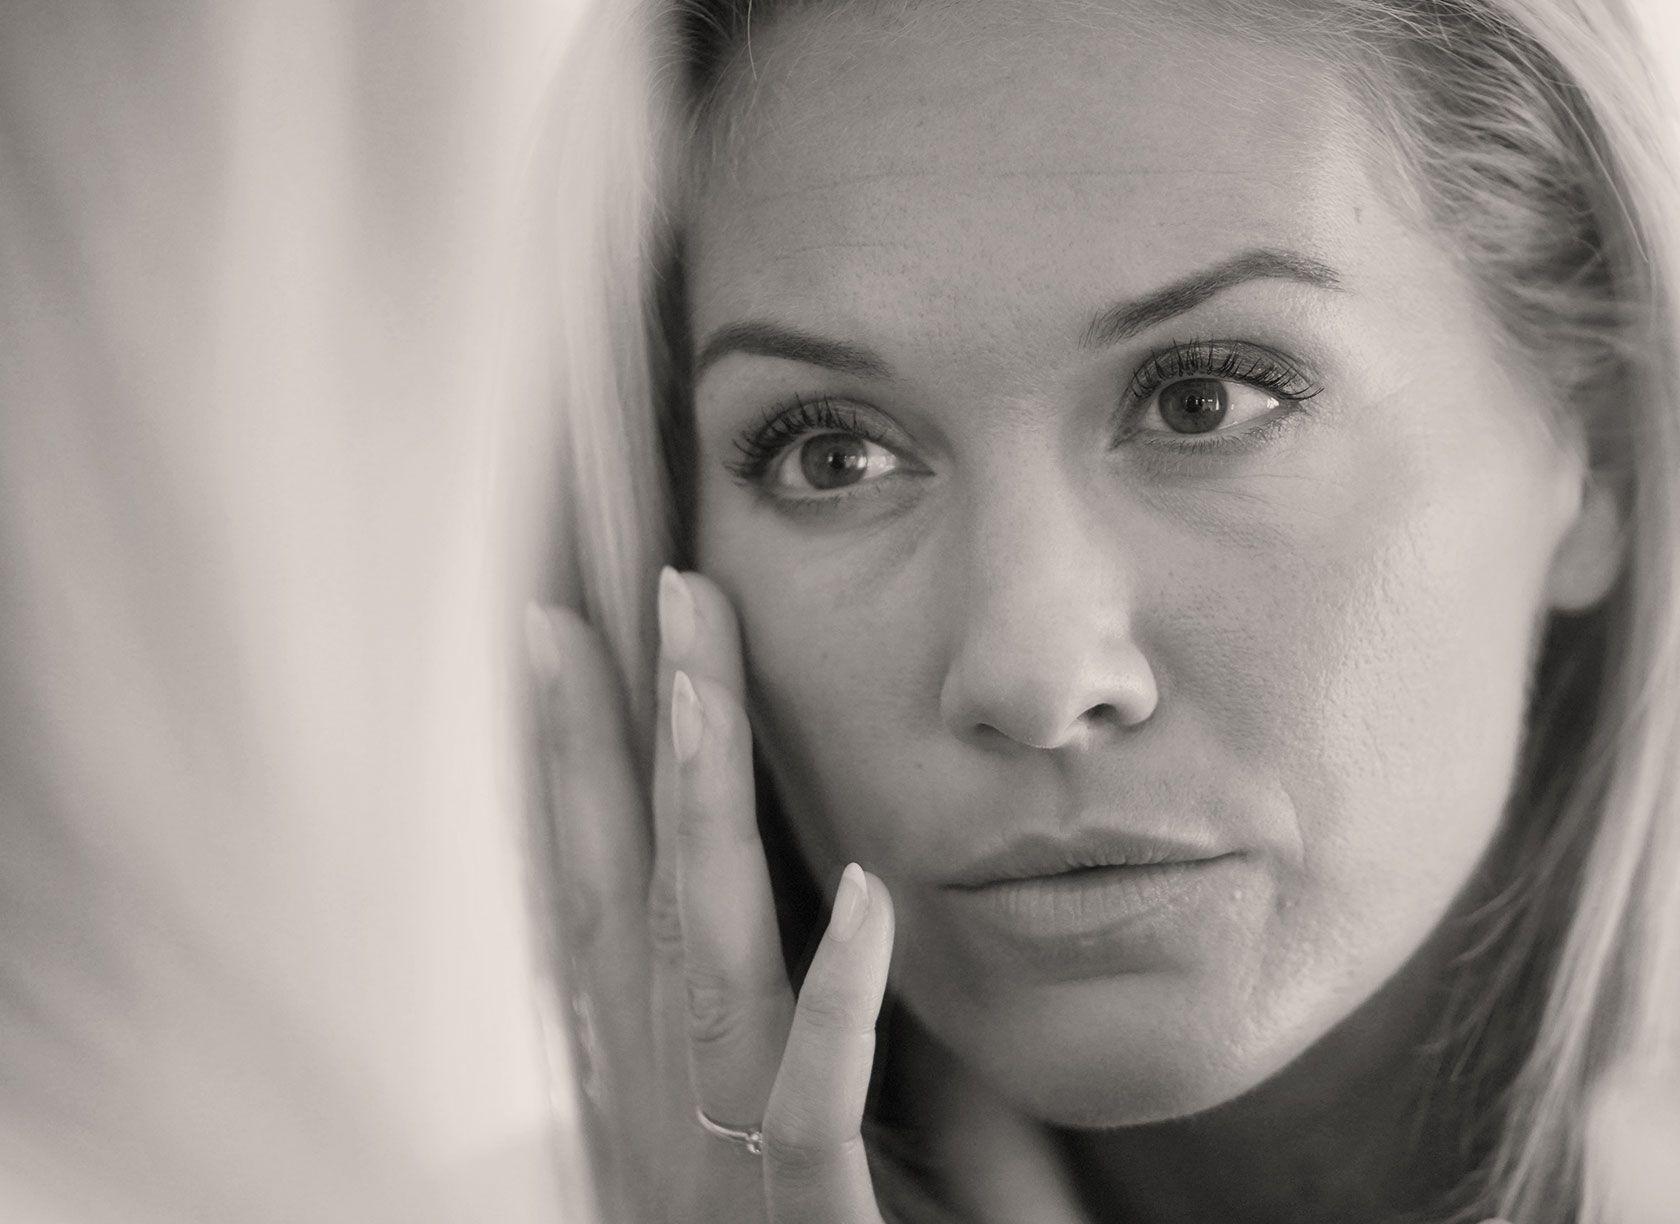 Le Lifting du visage et du cou à Paris 8 par le Dr Pachet